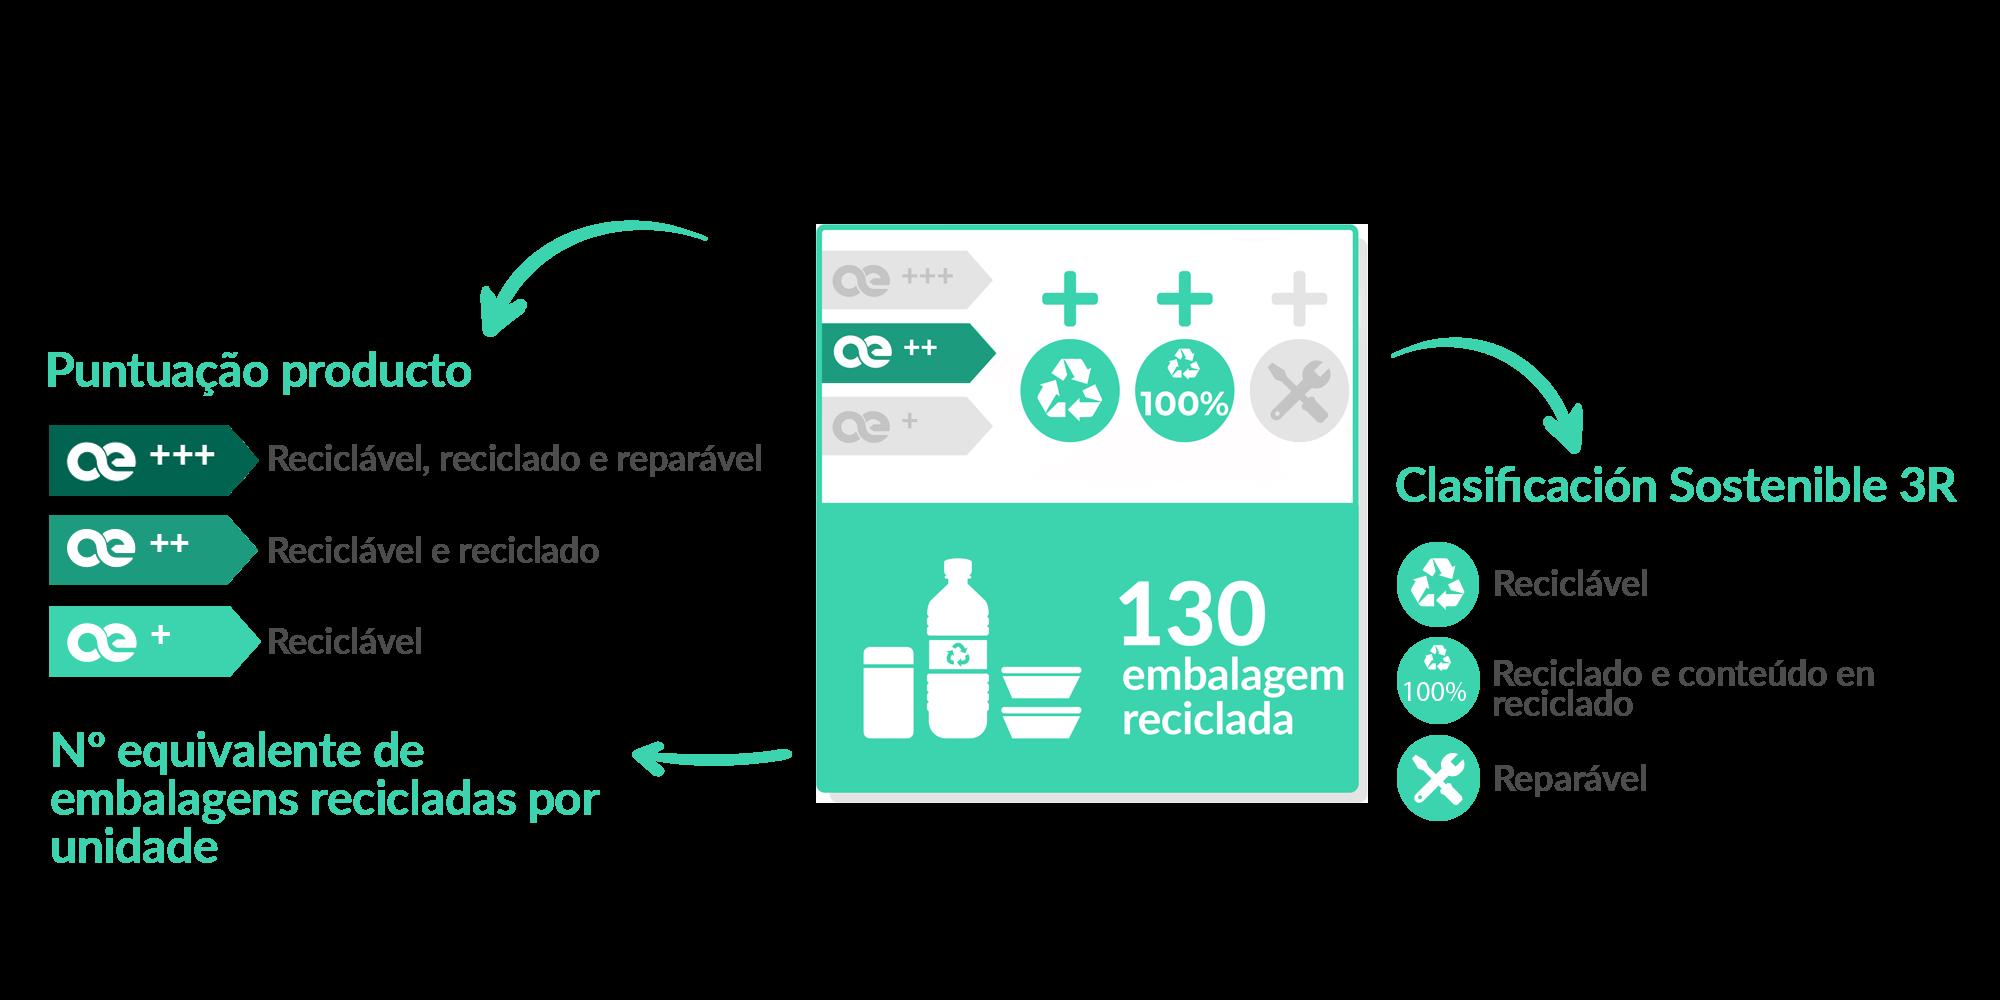 Elementos de la Ecoetiqueta